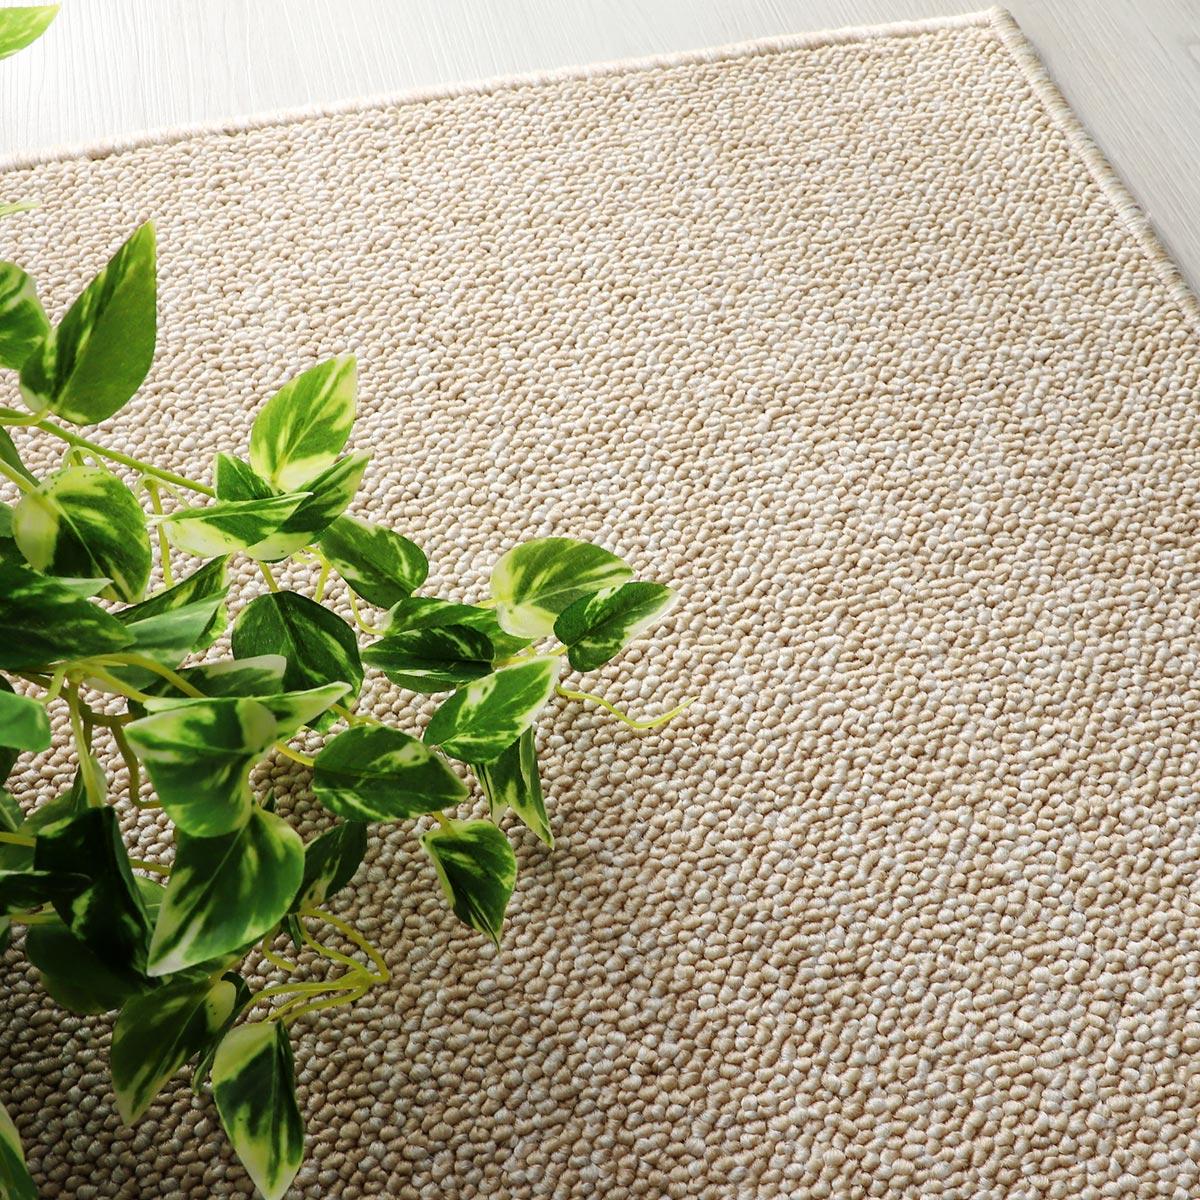 100サイズ 汚れが落ちやすいPTT繊維高機能カーペット【アーチ】